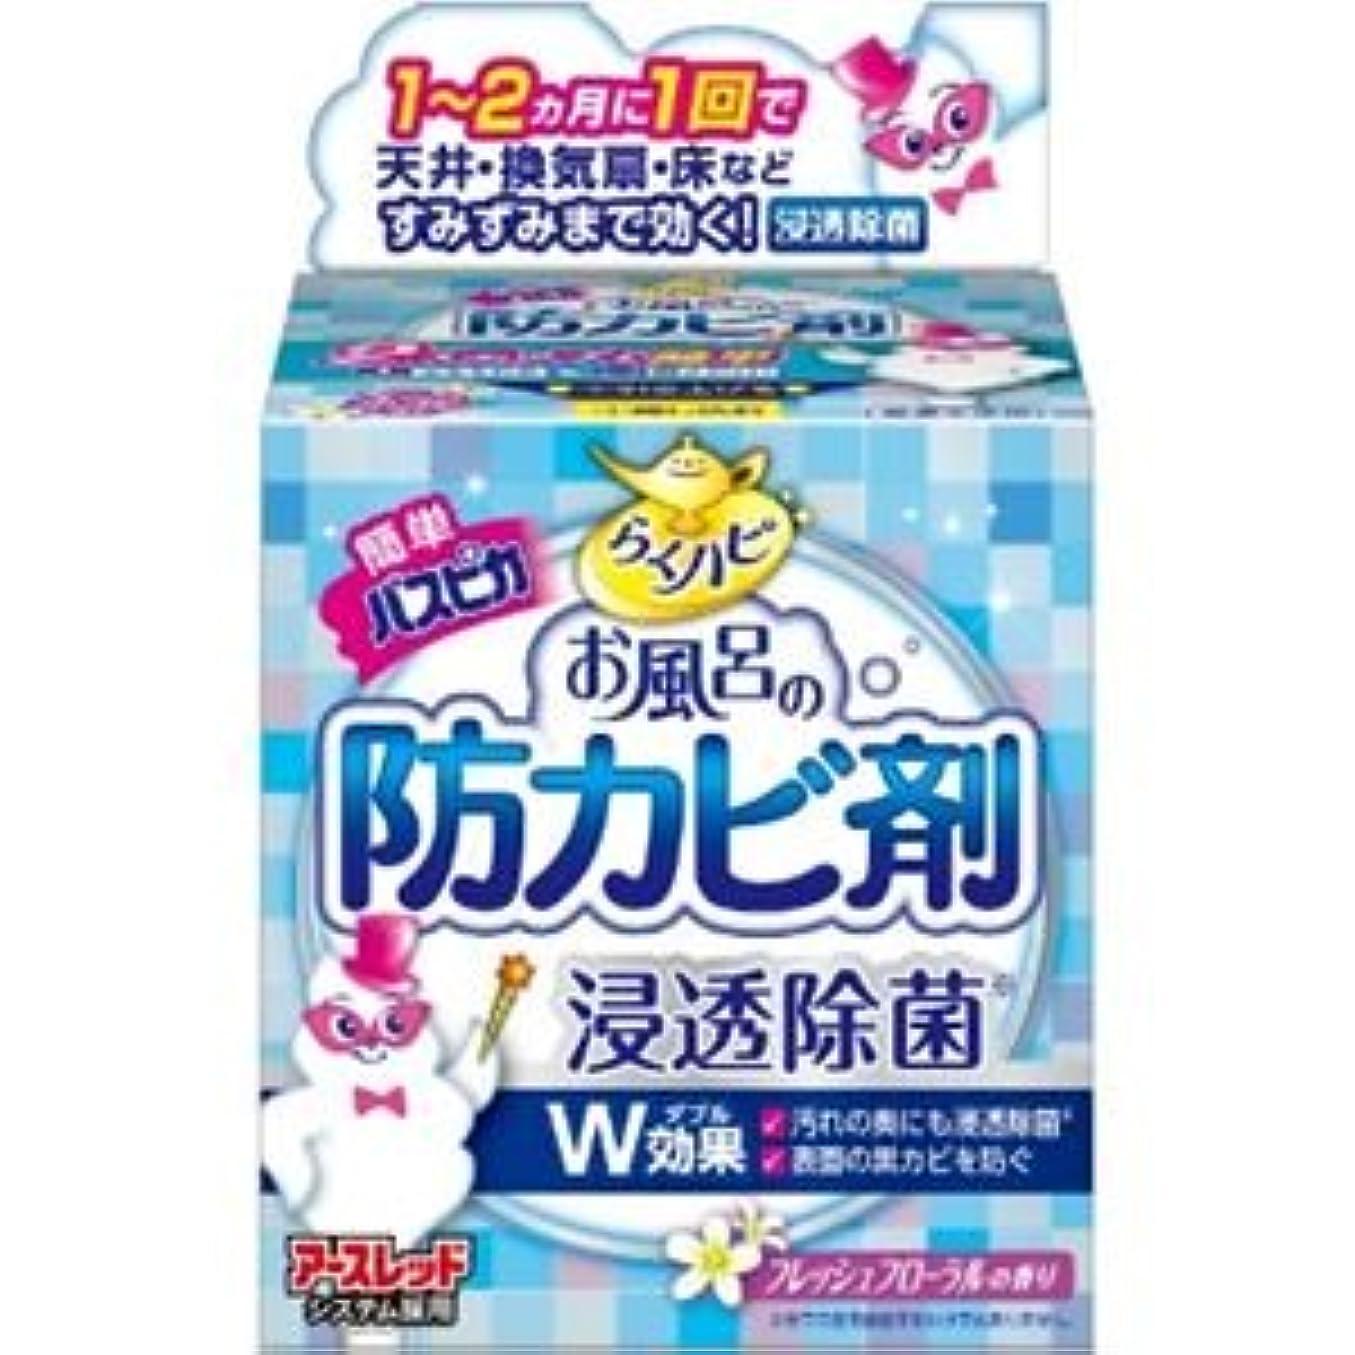 深い不利益以上(まとめ)アース製薬 らくハピお風呂の防カビ剤フローラルの香り 【×3点セット】